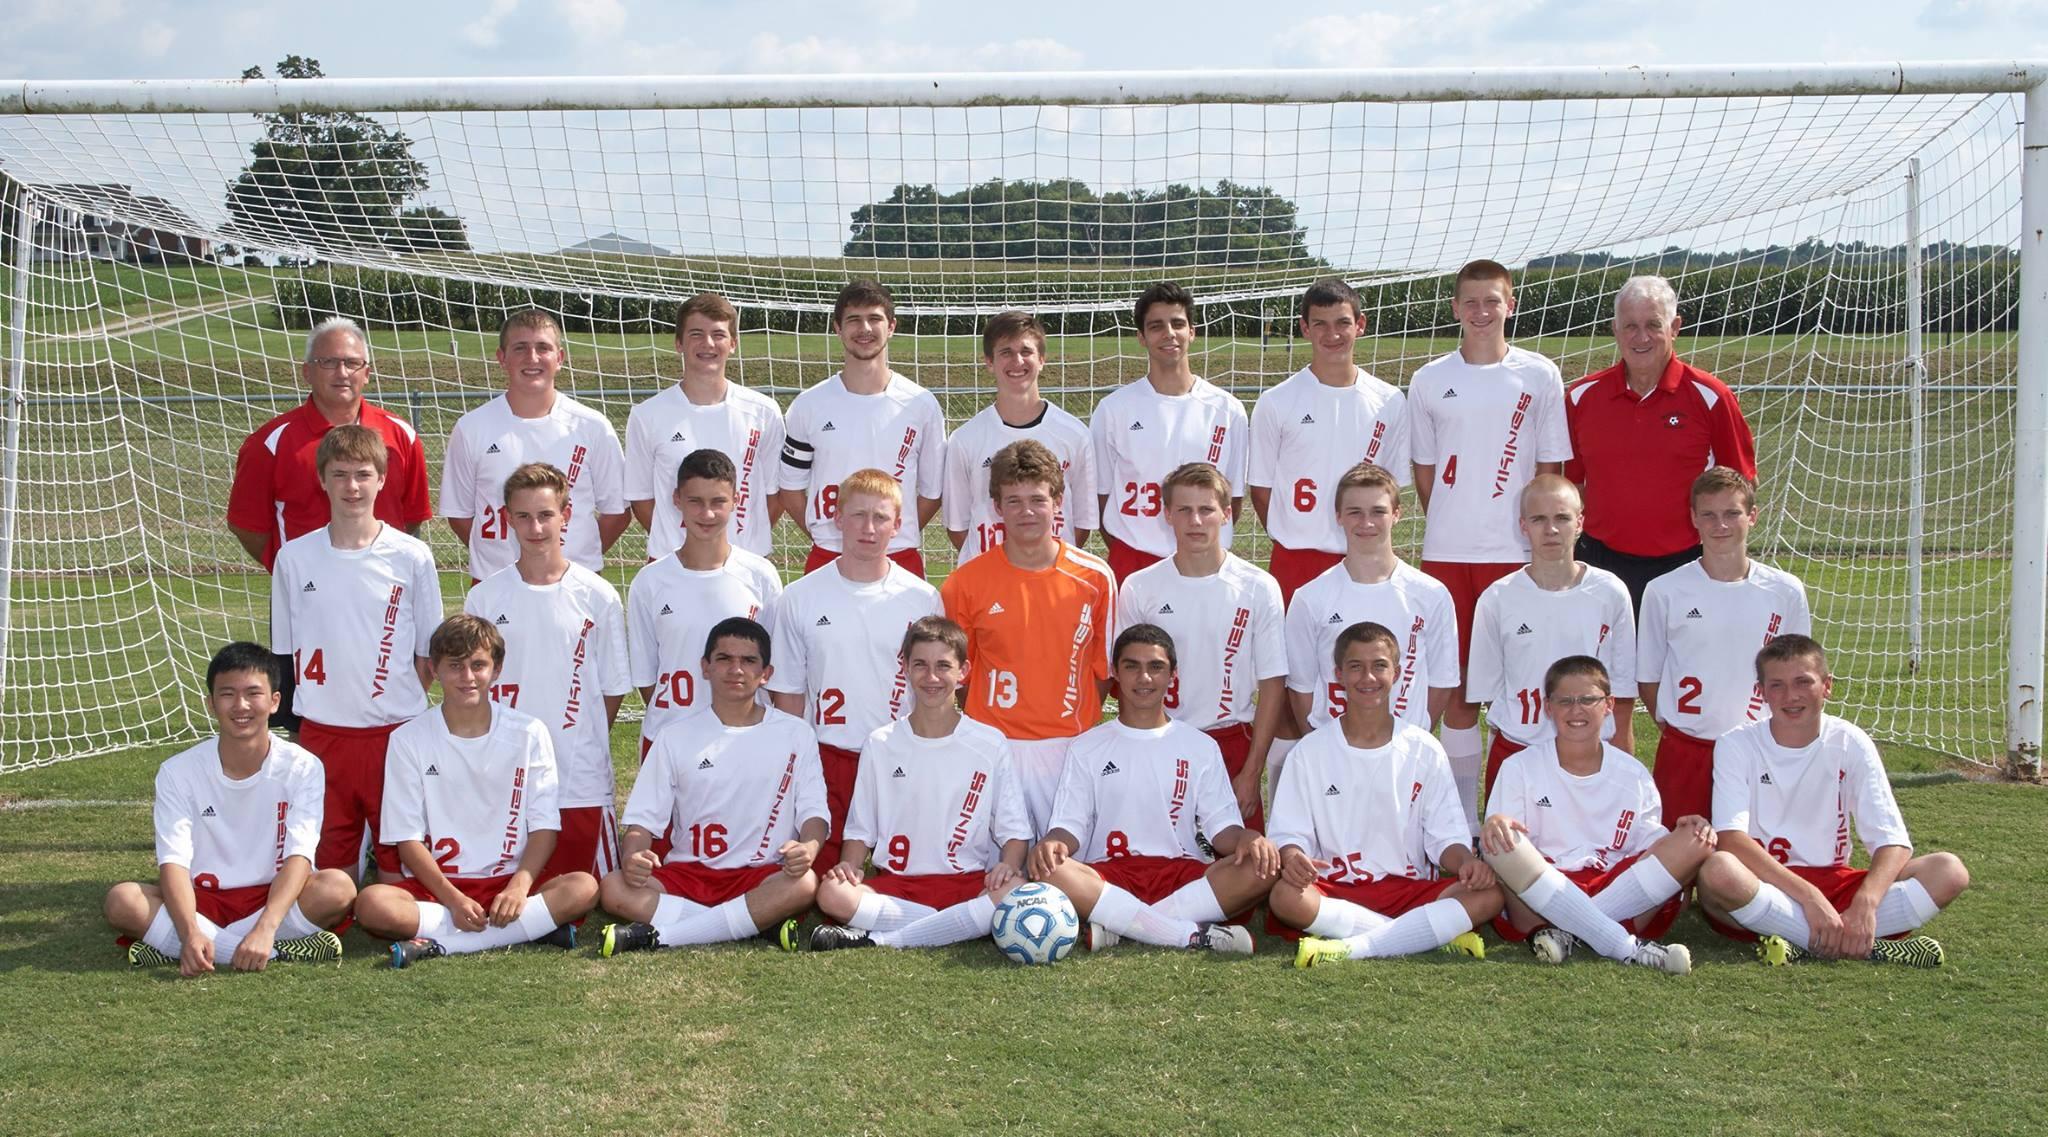 soccer-uniform.jpg